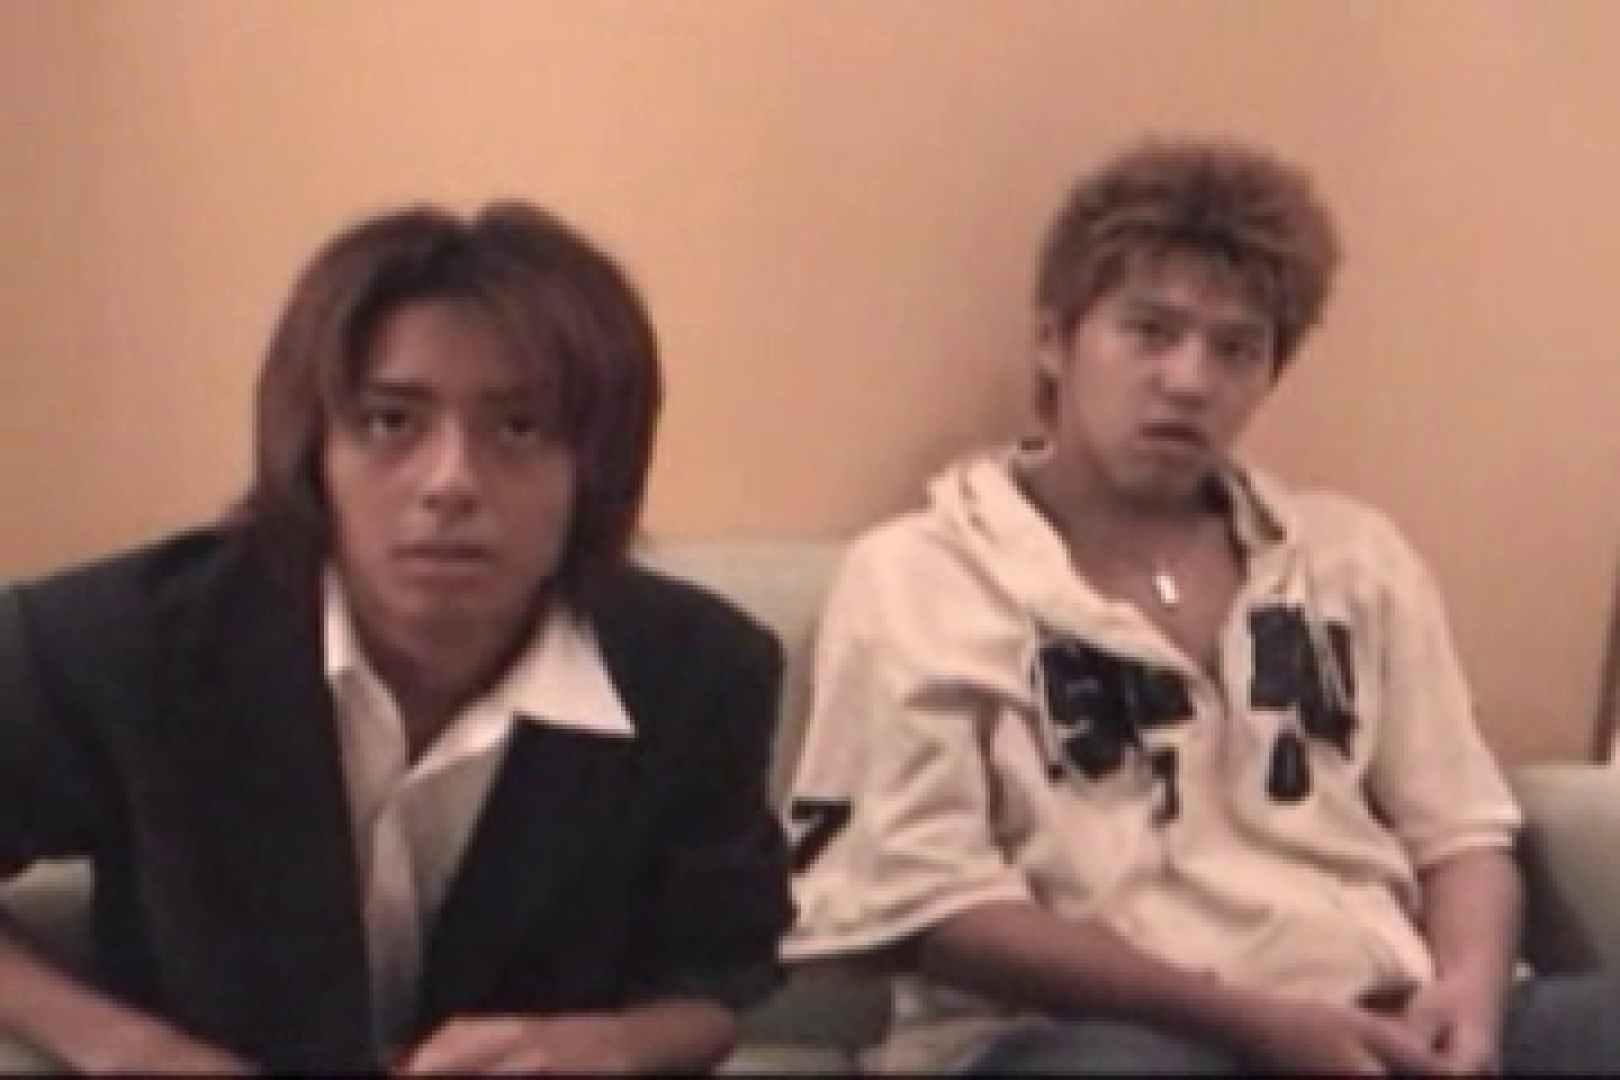 【流出】ジャニ系イケメン!!フライング&アナルが痛くて出来ません!! 茶髪 ゲイ無修正ビデオ画像 83枚 80